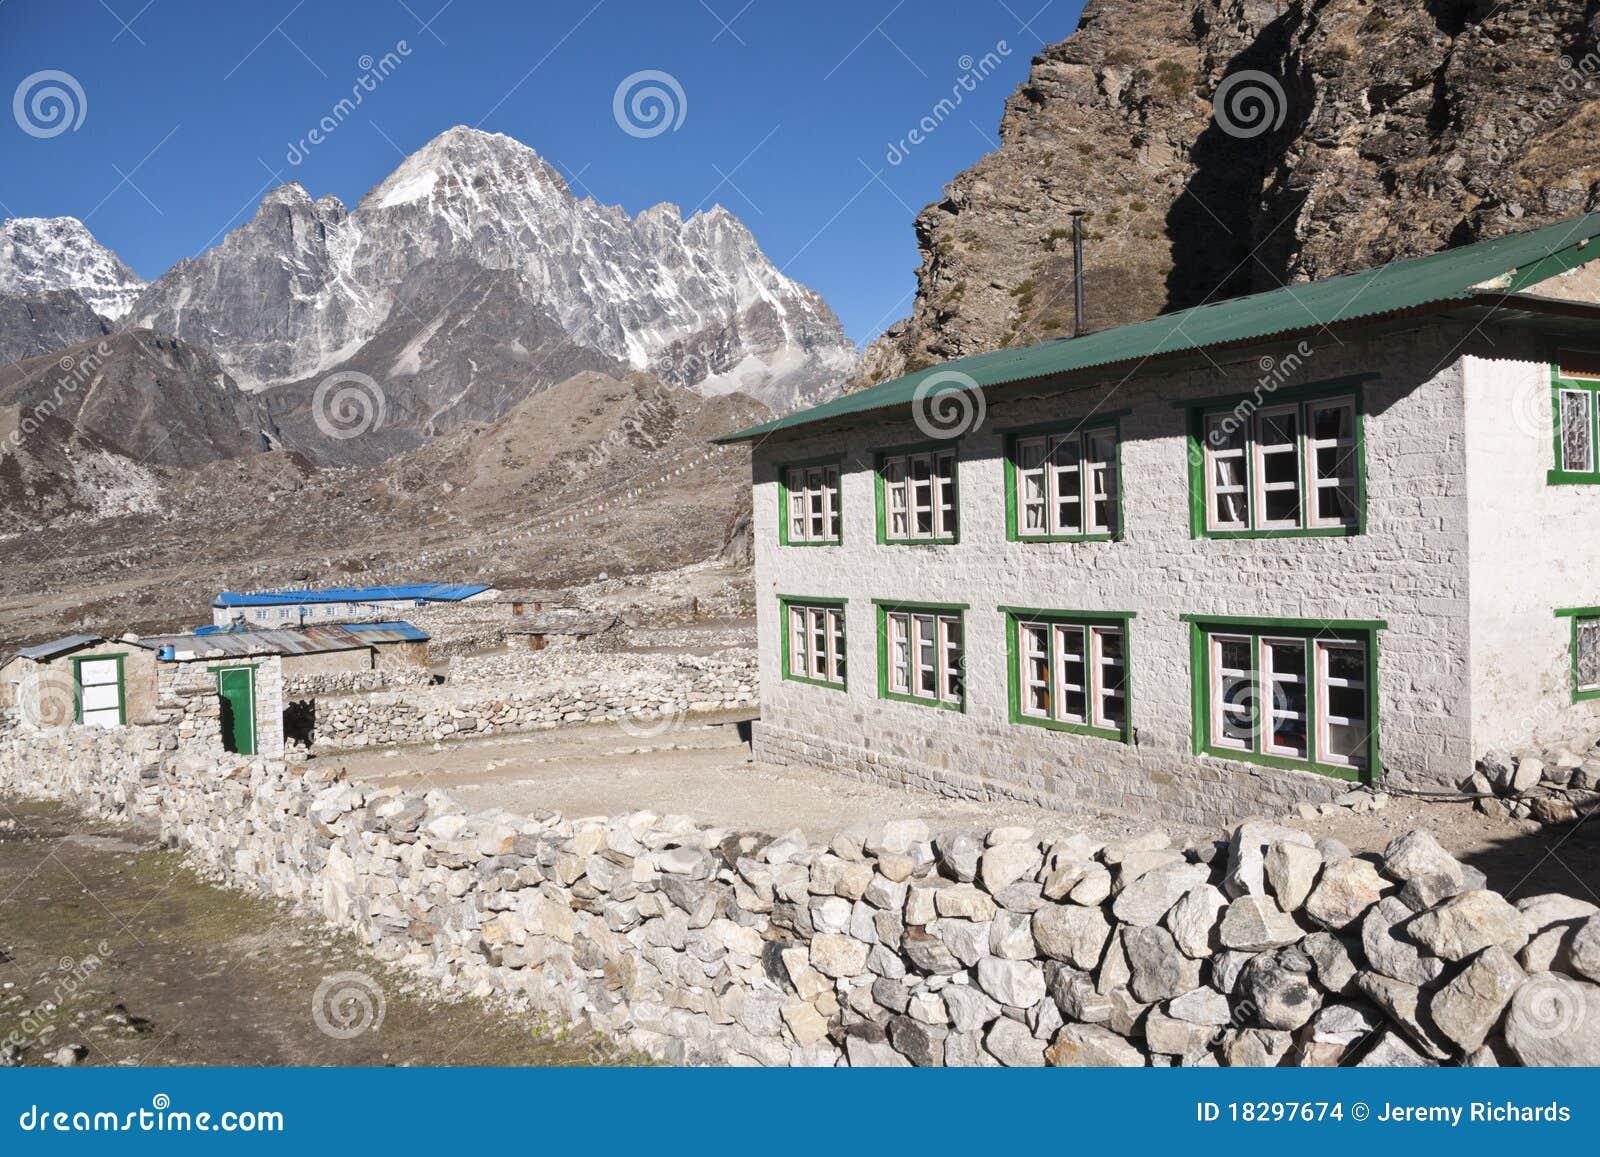 Himalayan Teahouse Stock Images Image 18297674